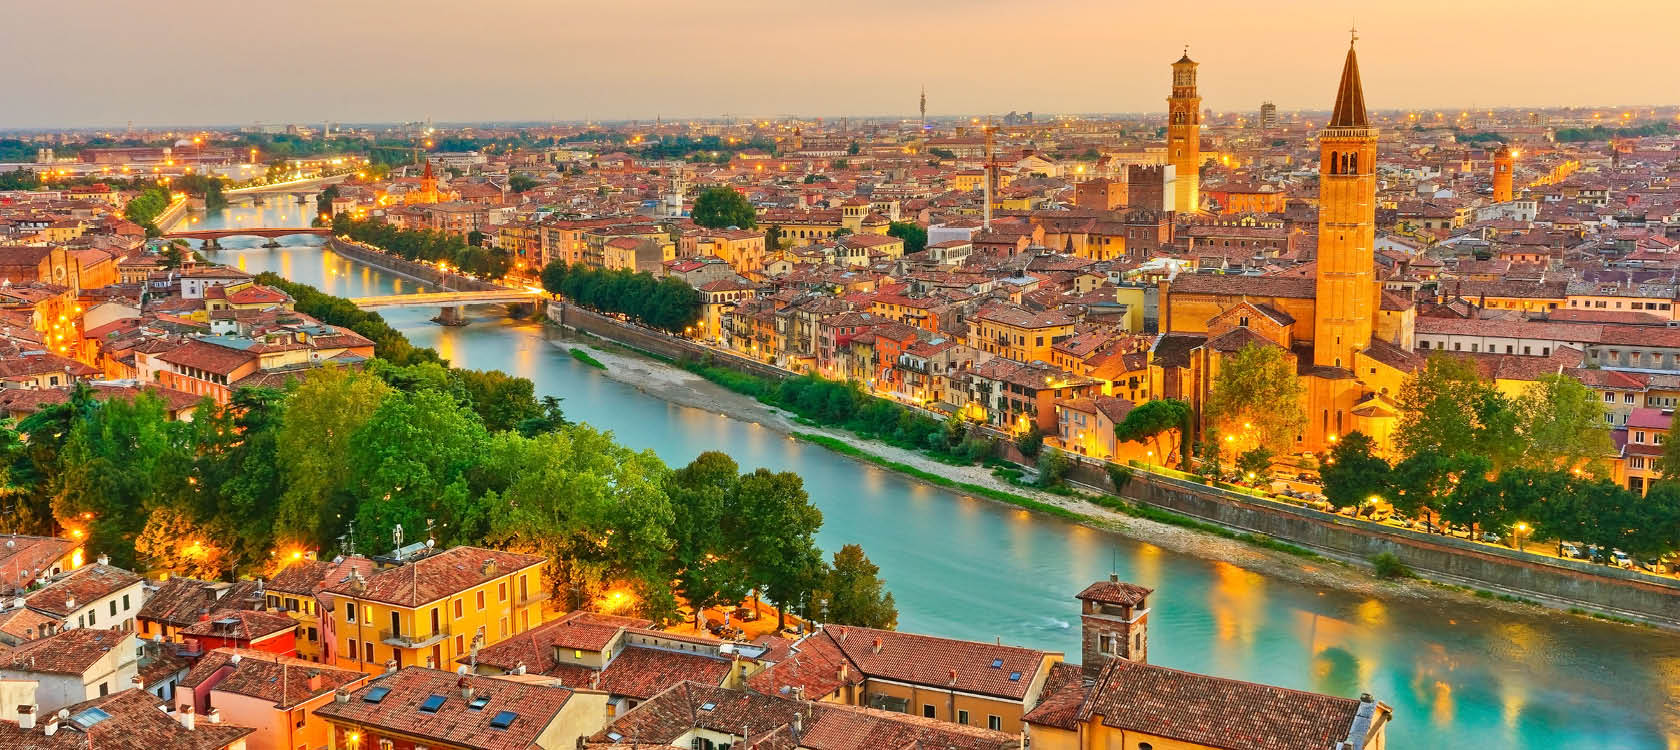 Sevärdheter i Verona.